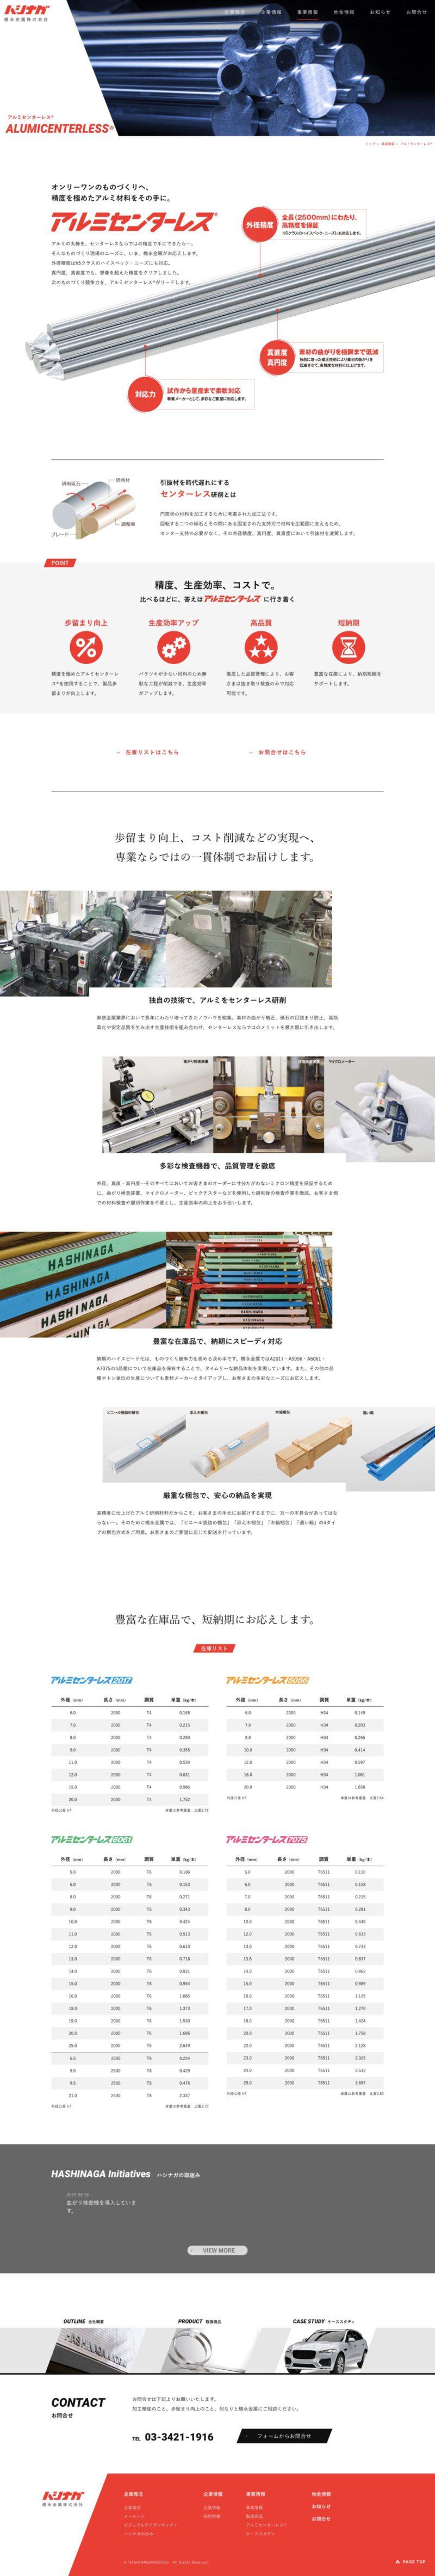 橋永金属株式会社様コーポレートサイト「製品情報」ページ